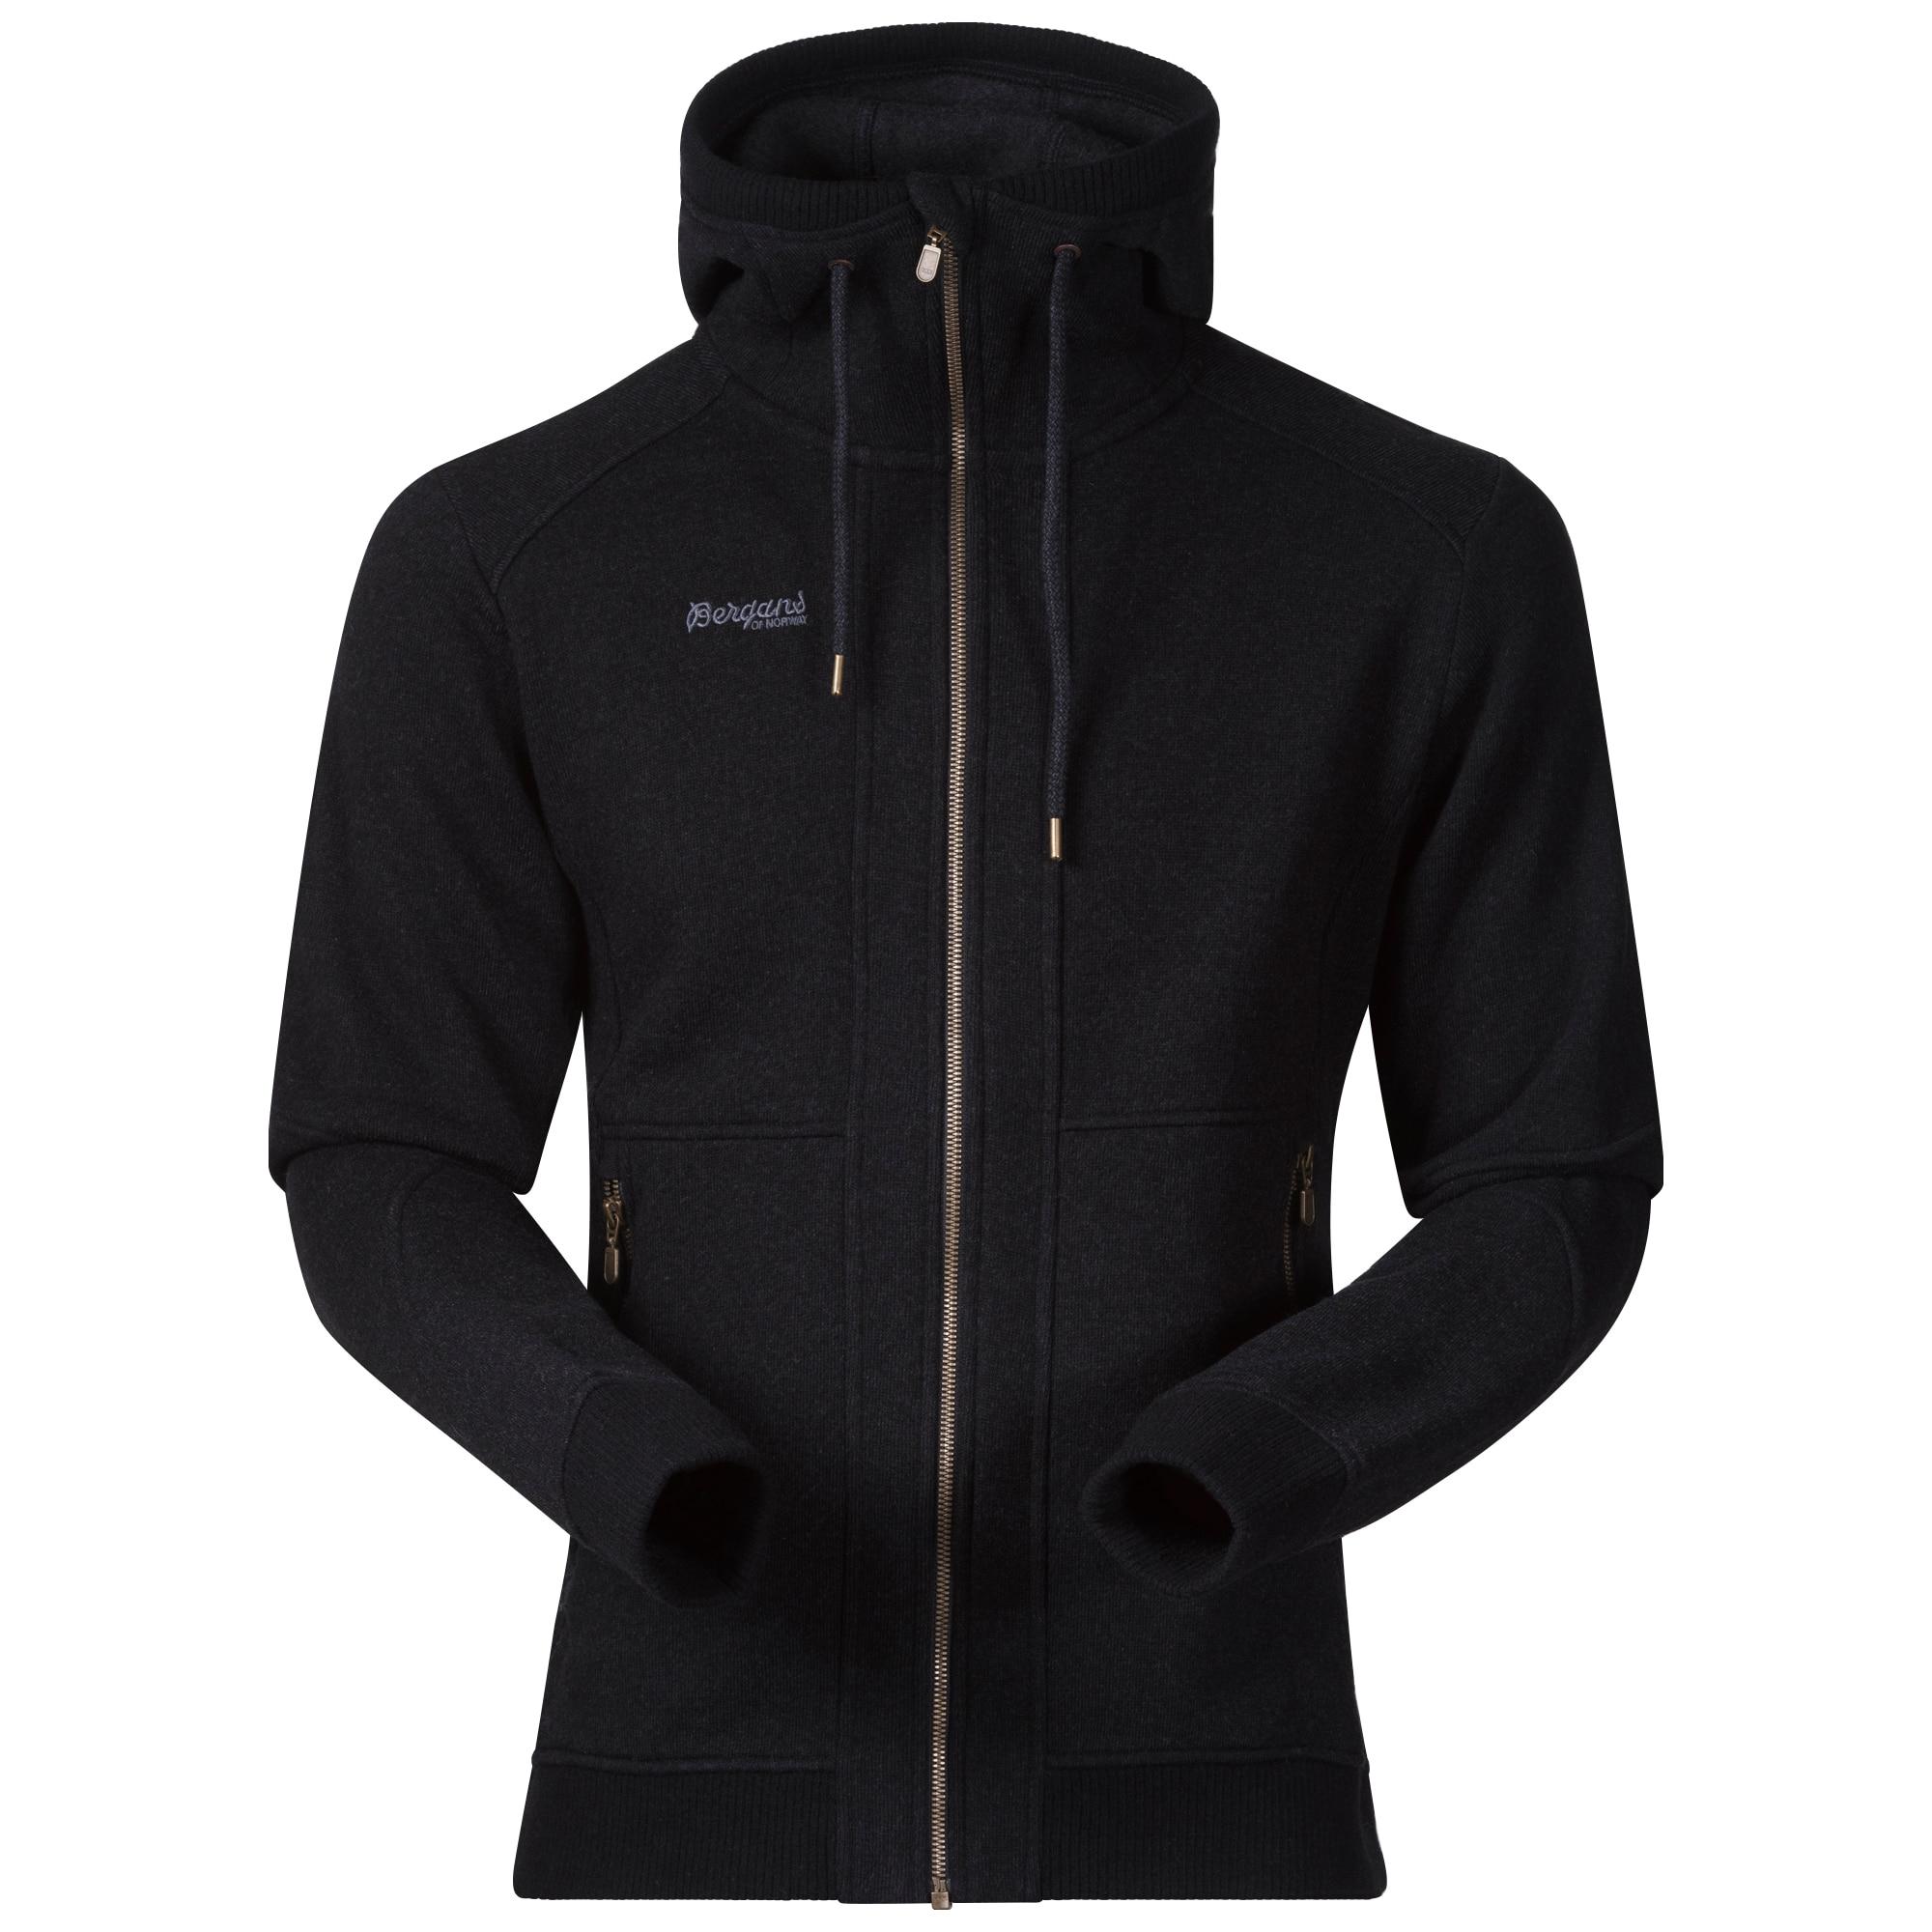 Myrull Jacket